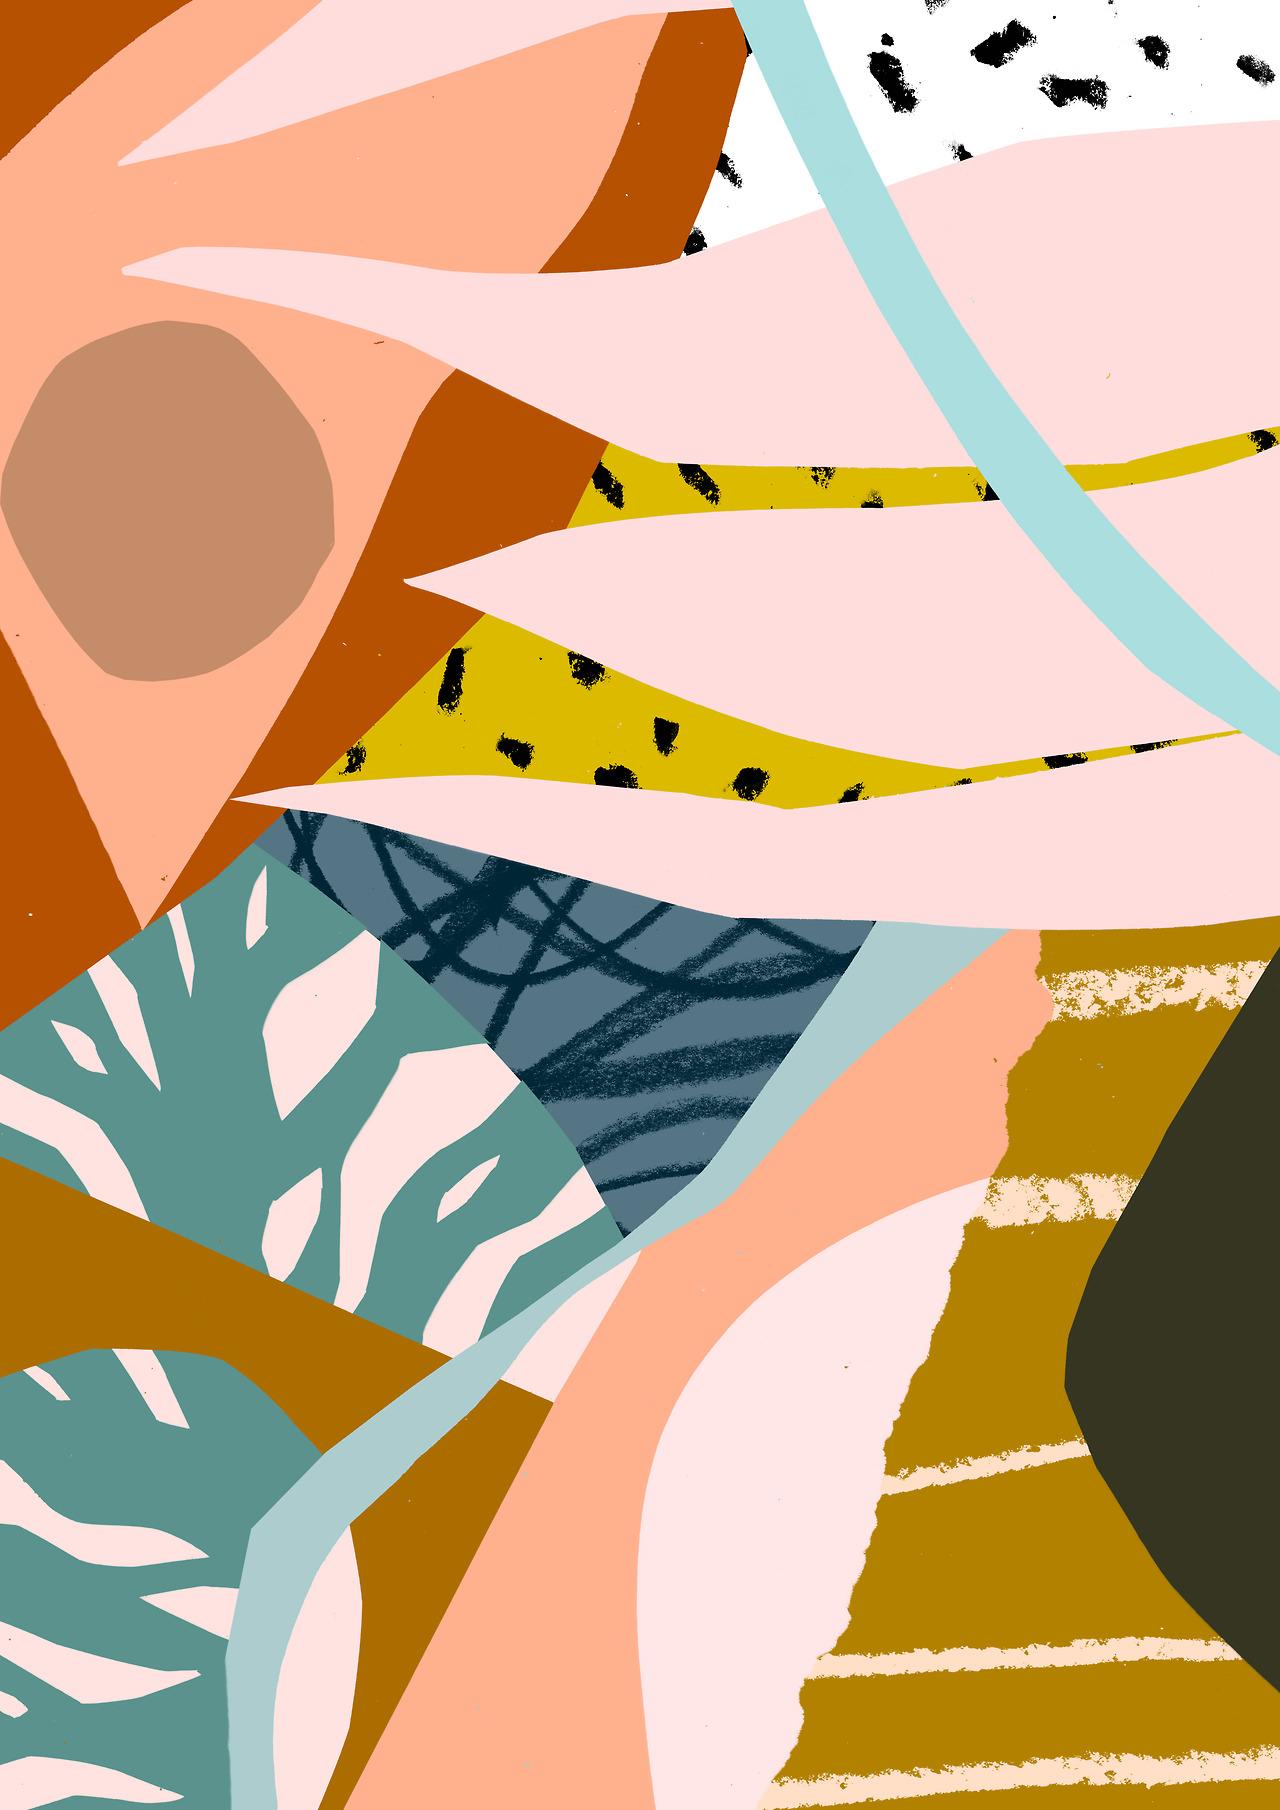 P I N T E R E S T I N S T A Laceygraceyoung Geometric Art